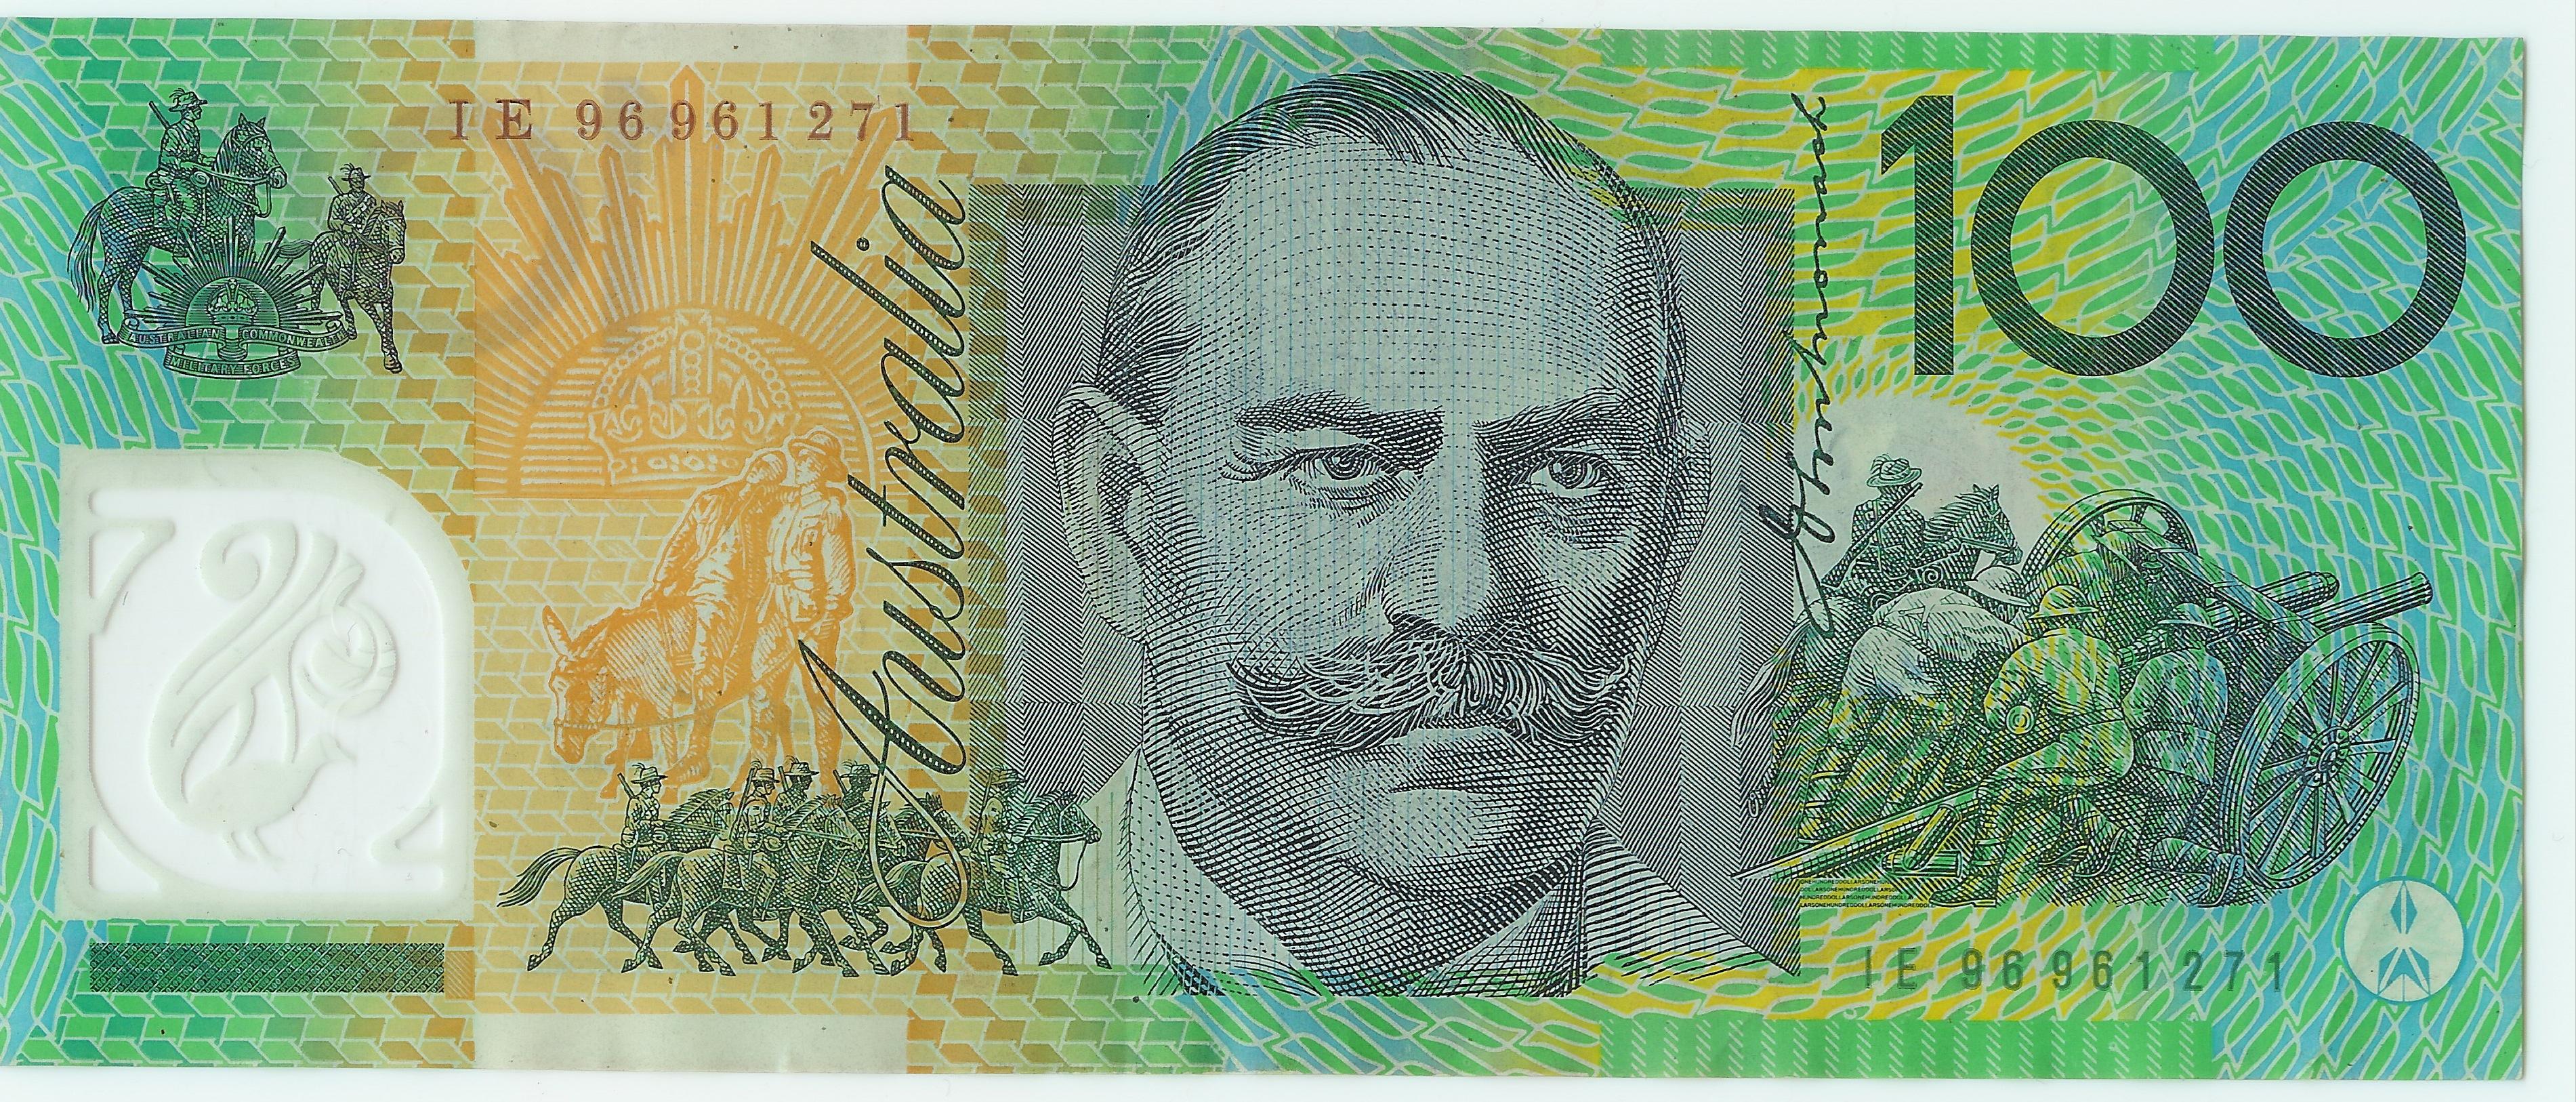 australian dollar - photo #39